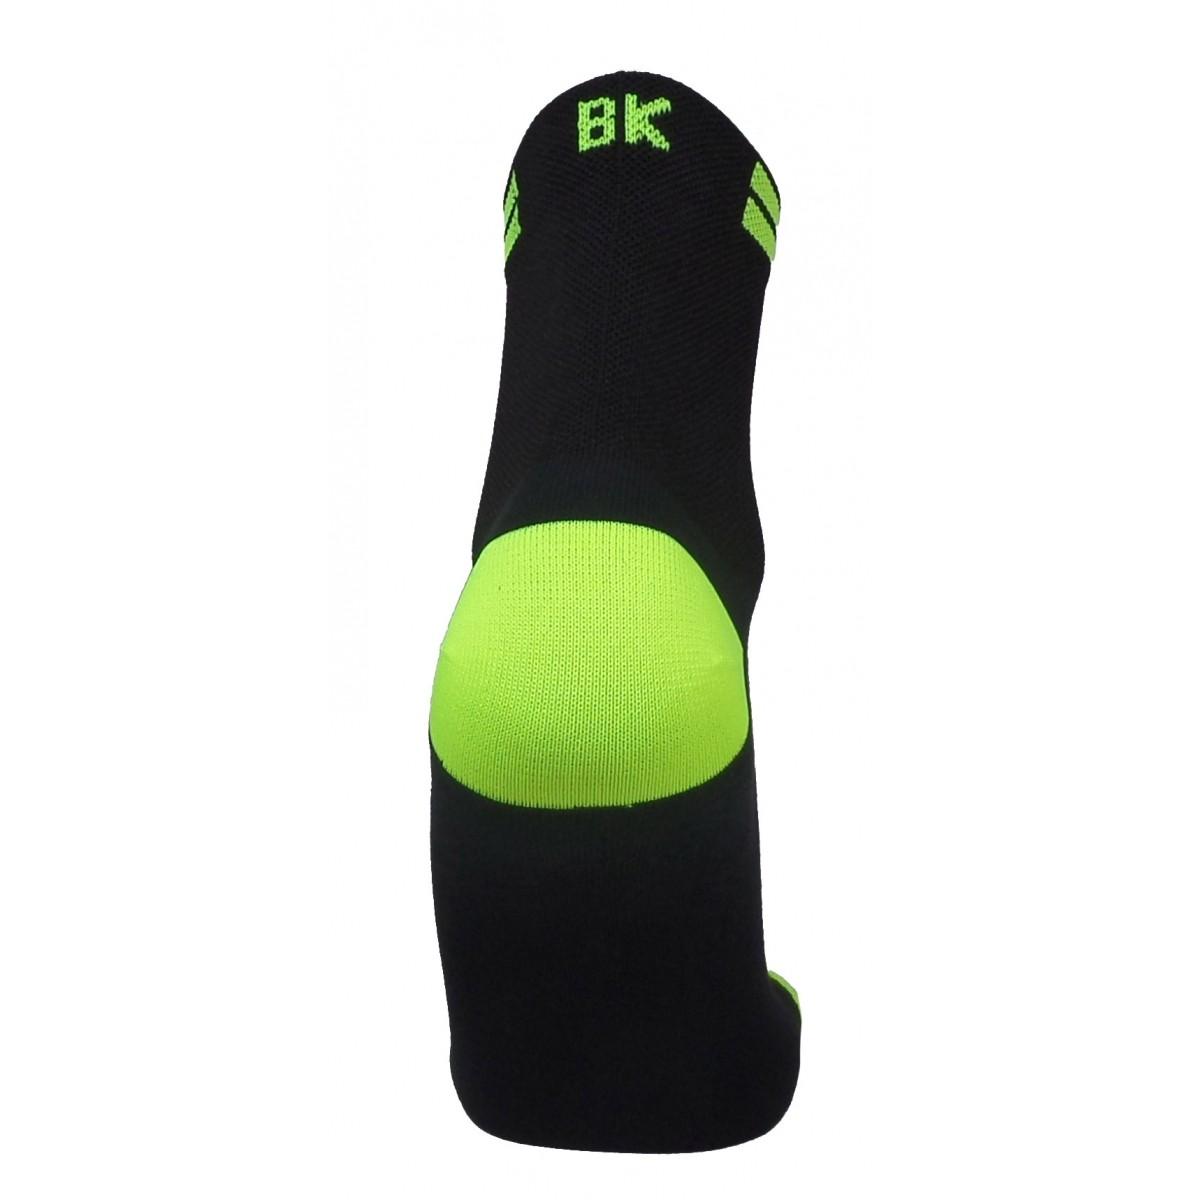 Par de meia de ciclismo cano médio BK -  Preto com Amarelo Neon